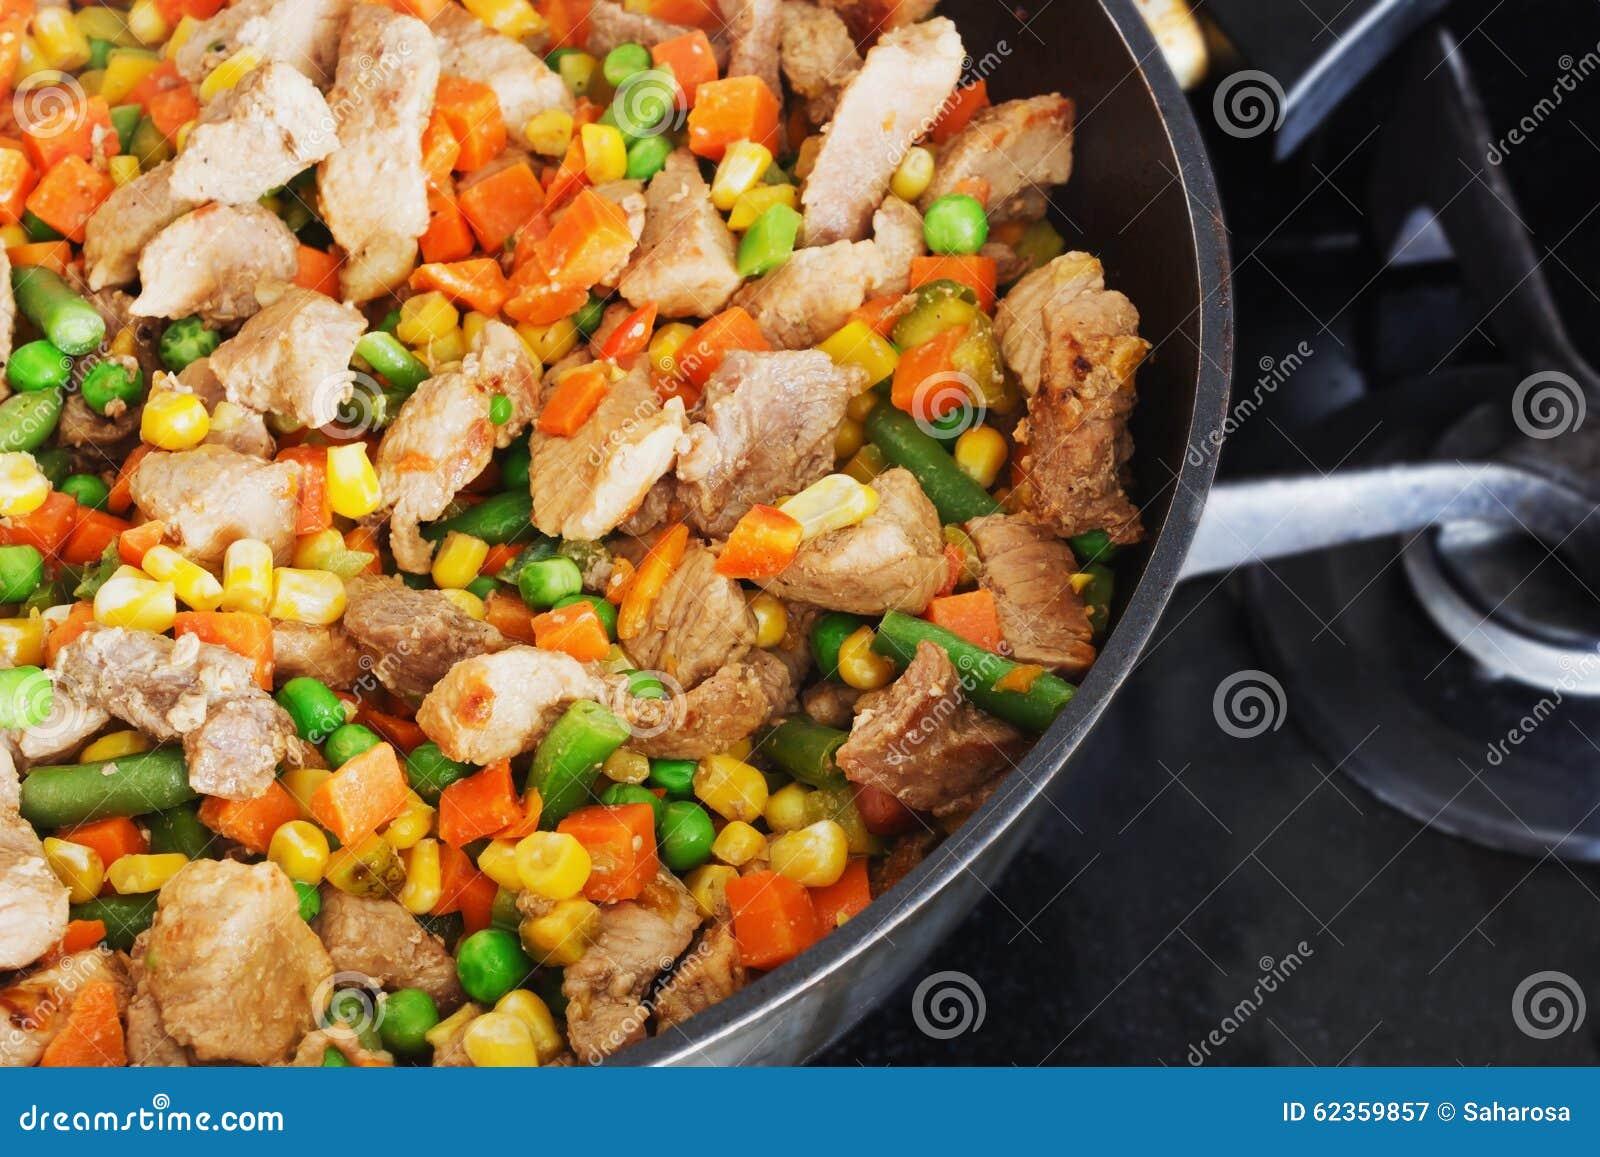 与蔬菜的被炖的品种木耳价格产量及猪肉图片